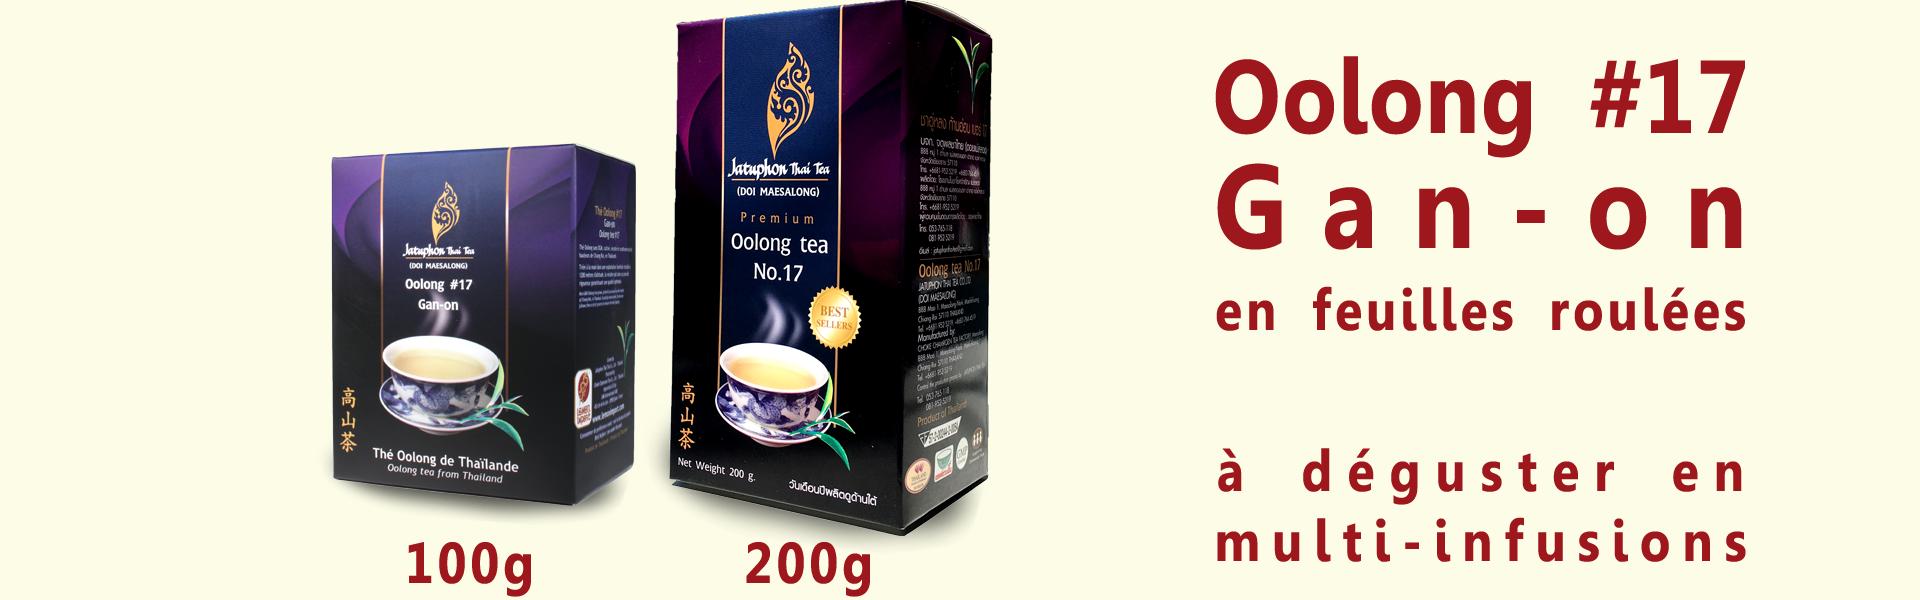 Notre thé Oolong #17 Gan-on est disponible en format 100g ou 200g.